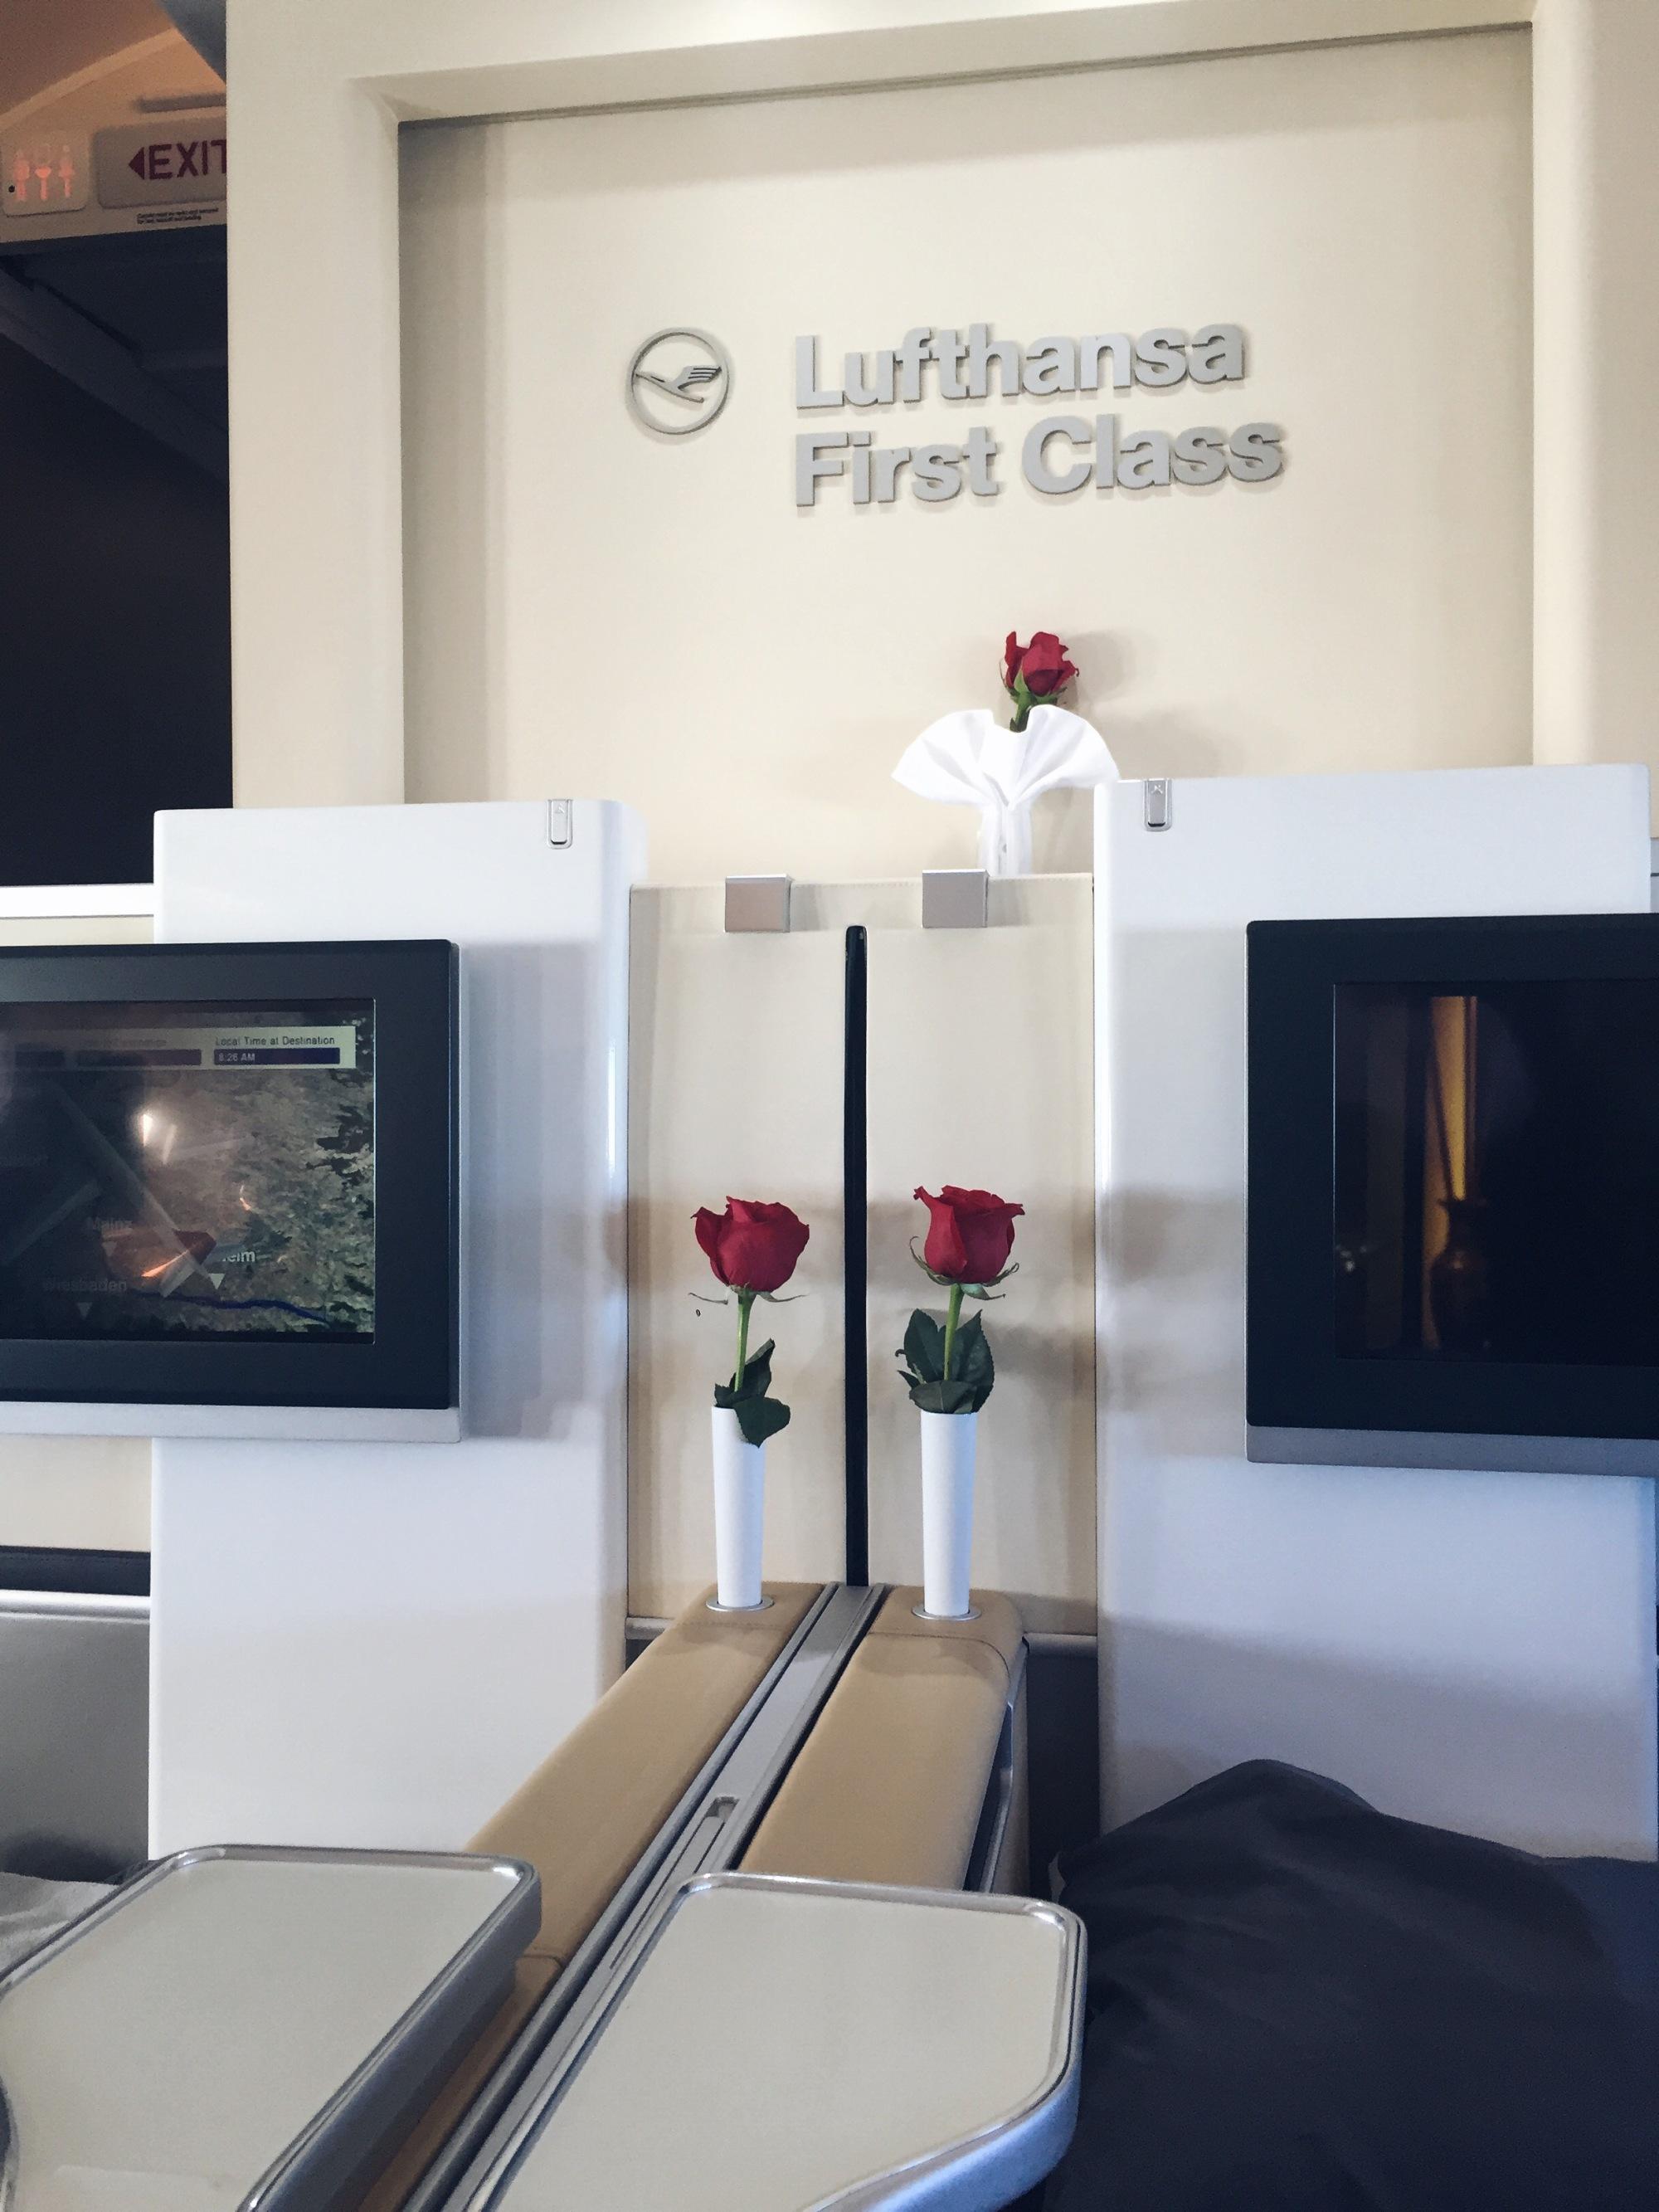 Lufthansa First Classs